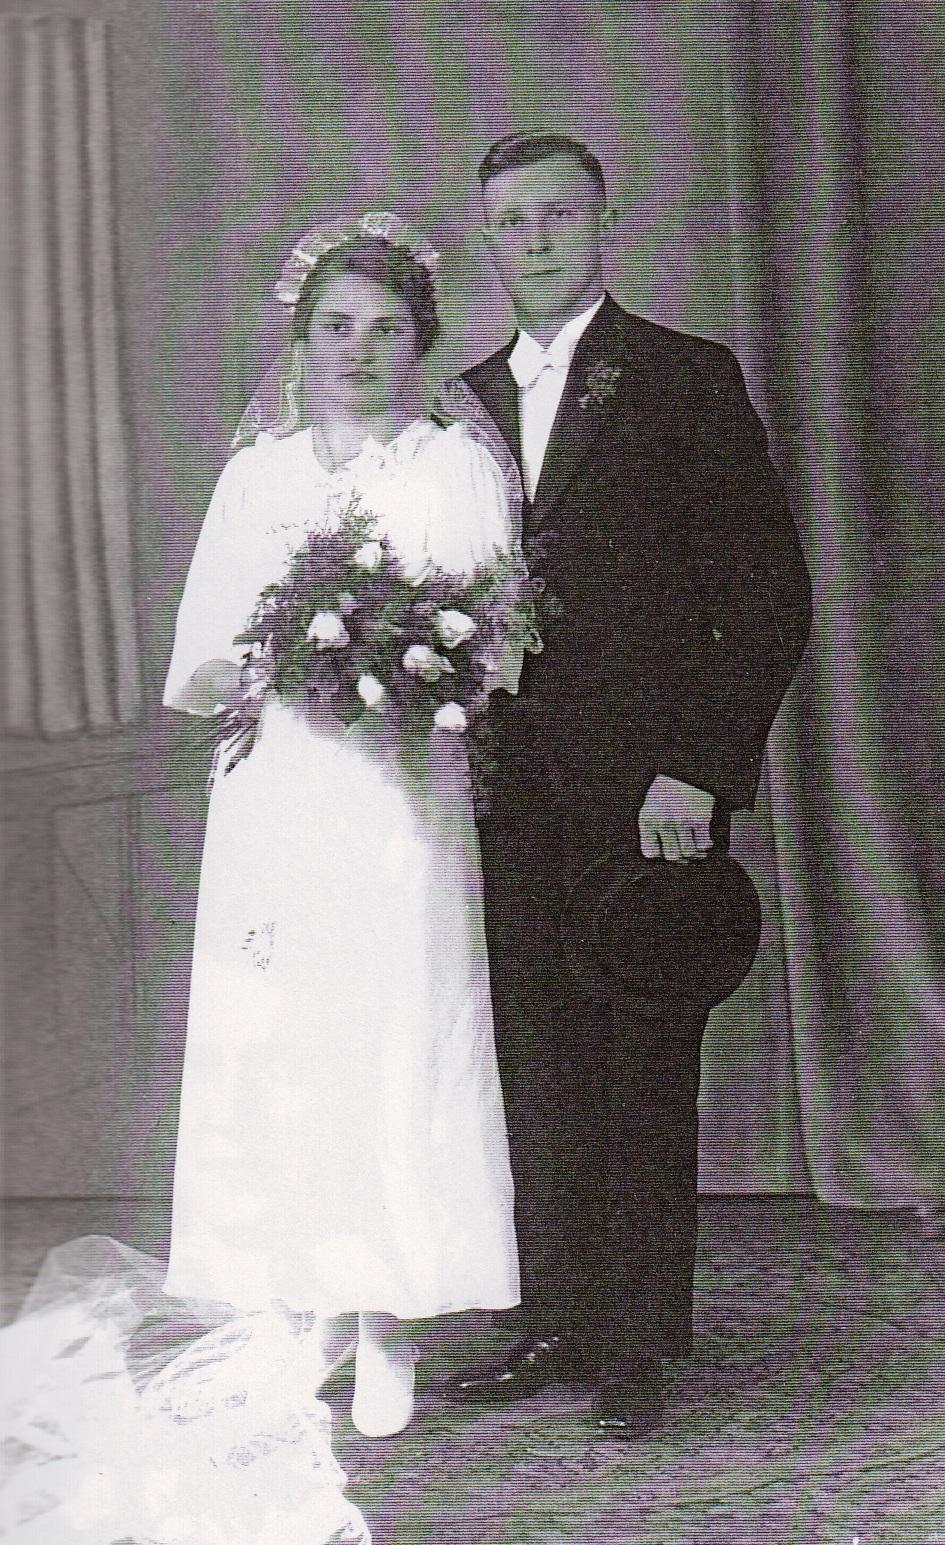 Franz Ritter und Eva Fels